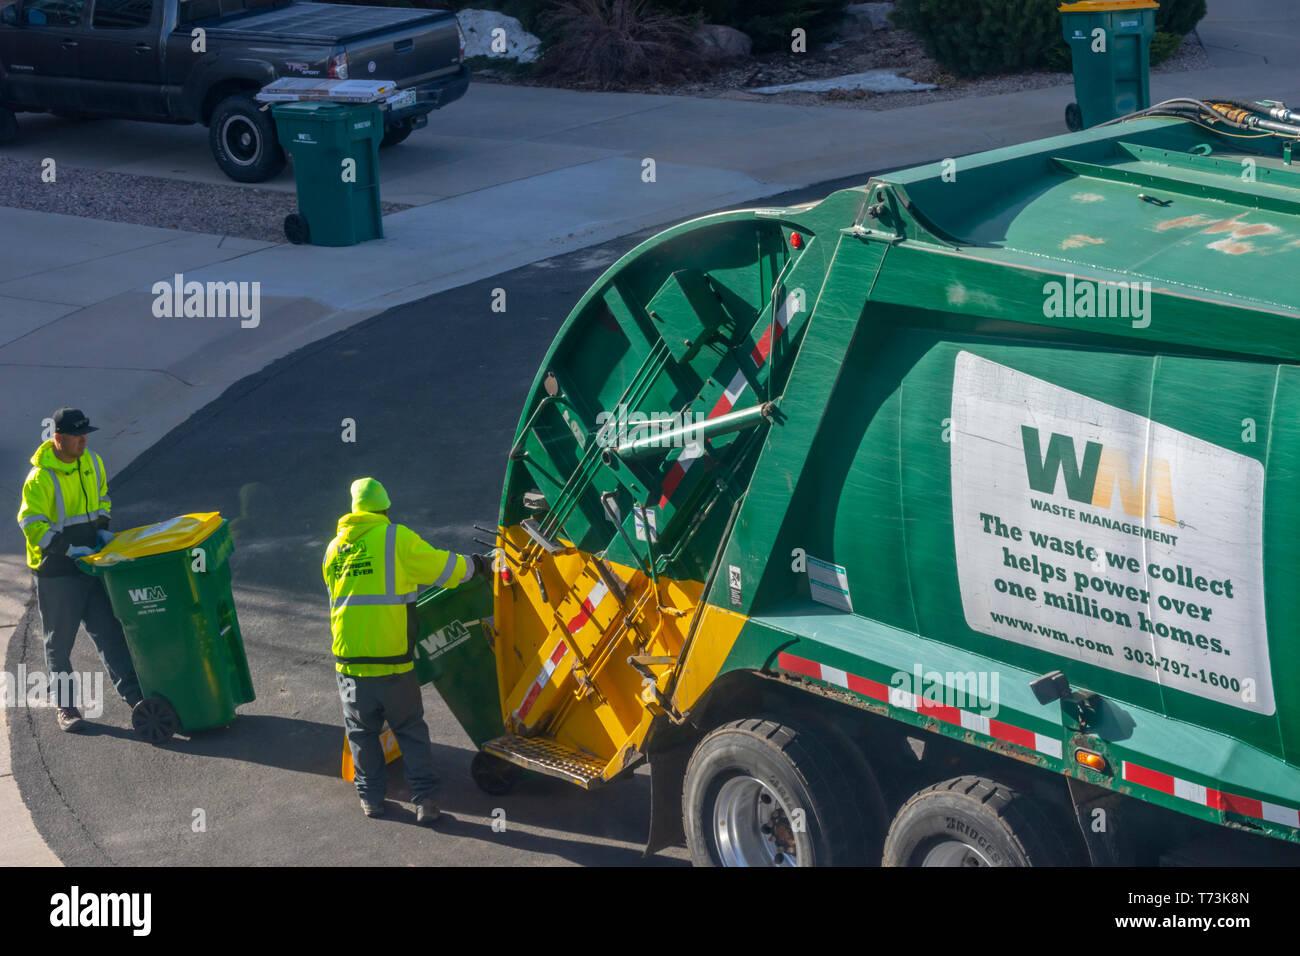 Due gestione dei rifiuti i lavoratori vuoto verde e giallo immondizia di plastica contenitori in una zona residenziale, Castle Rock Colorado US. Foto scattata in aprile. Immagini Stock